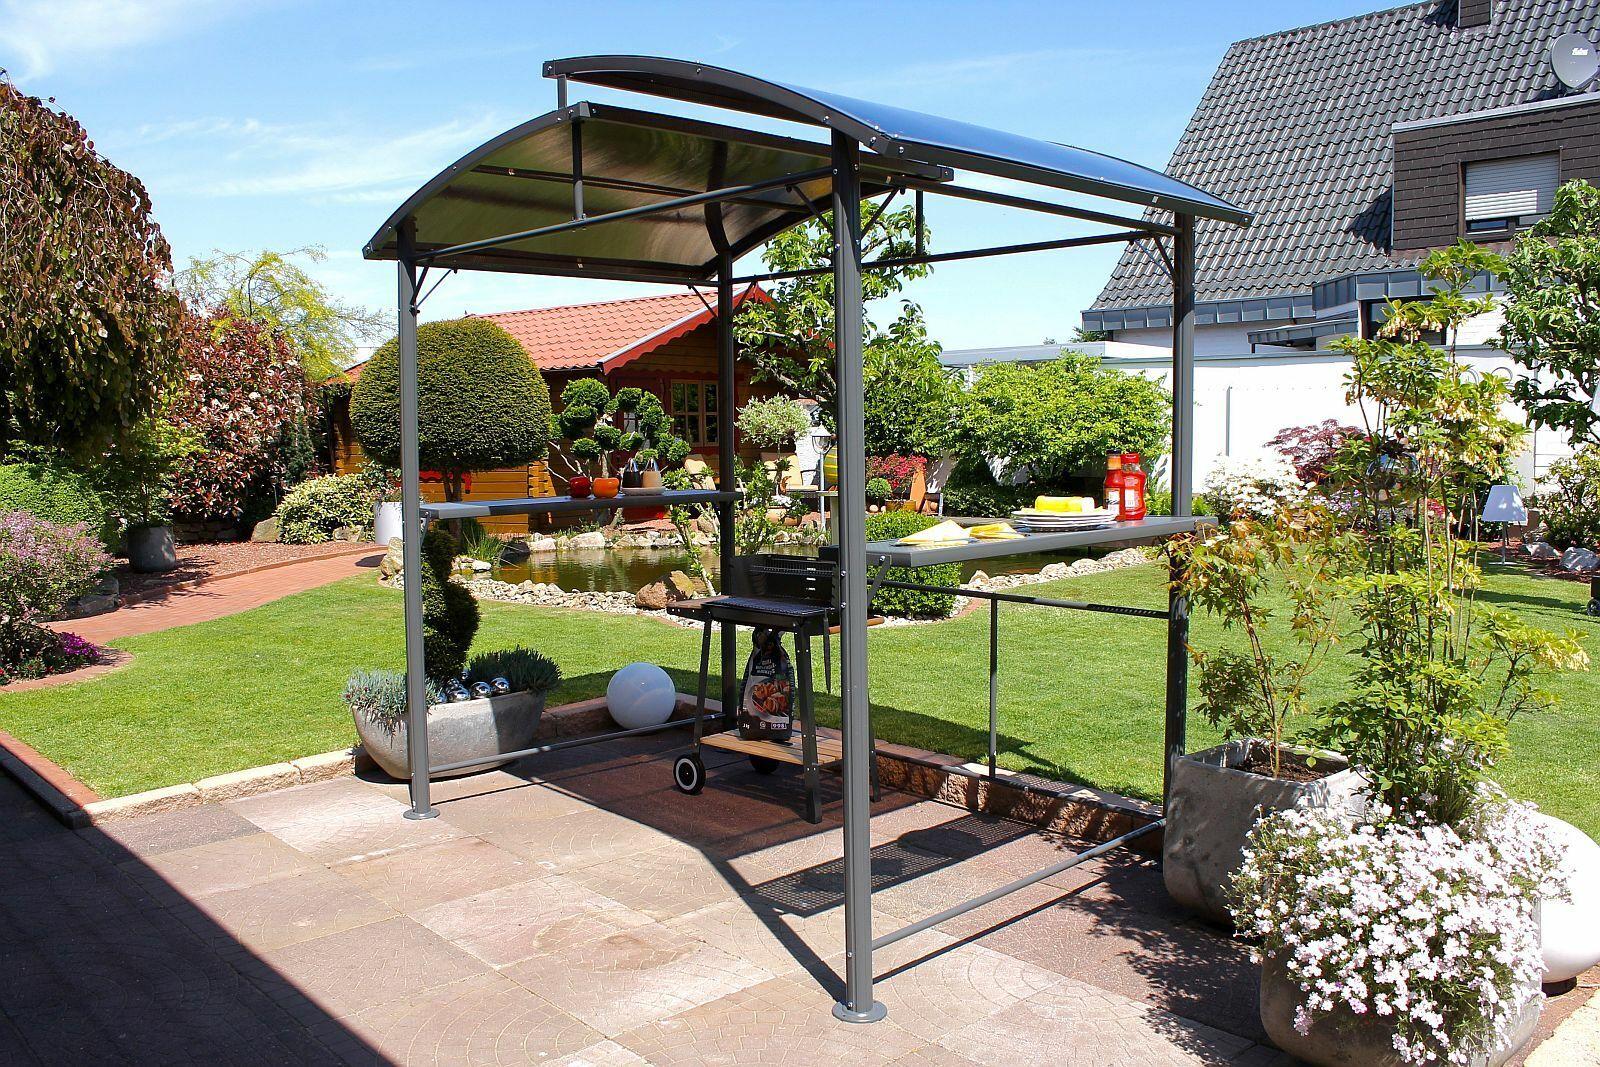 Outdoorküche Klein Test : Outdoor küche test die besten outdoor küchen im vergleich